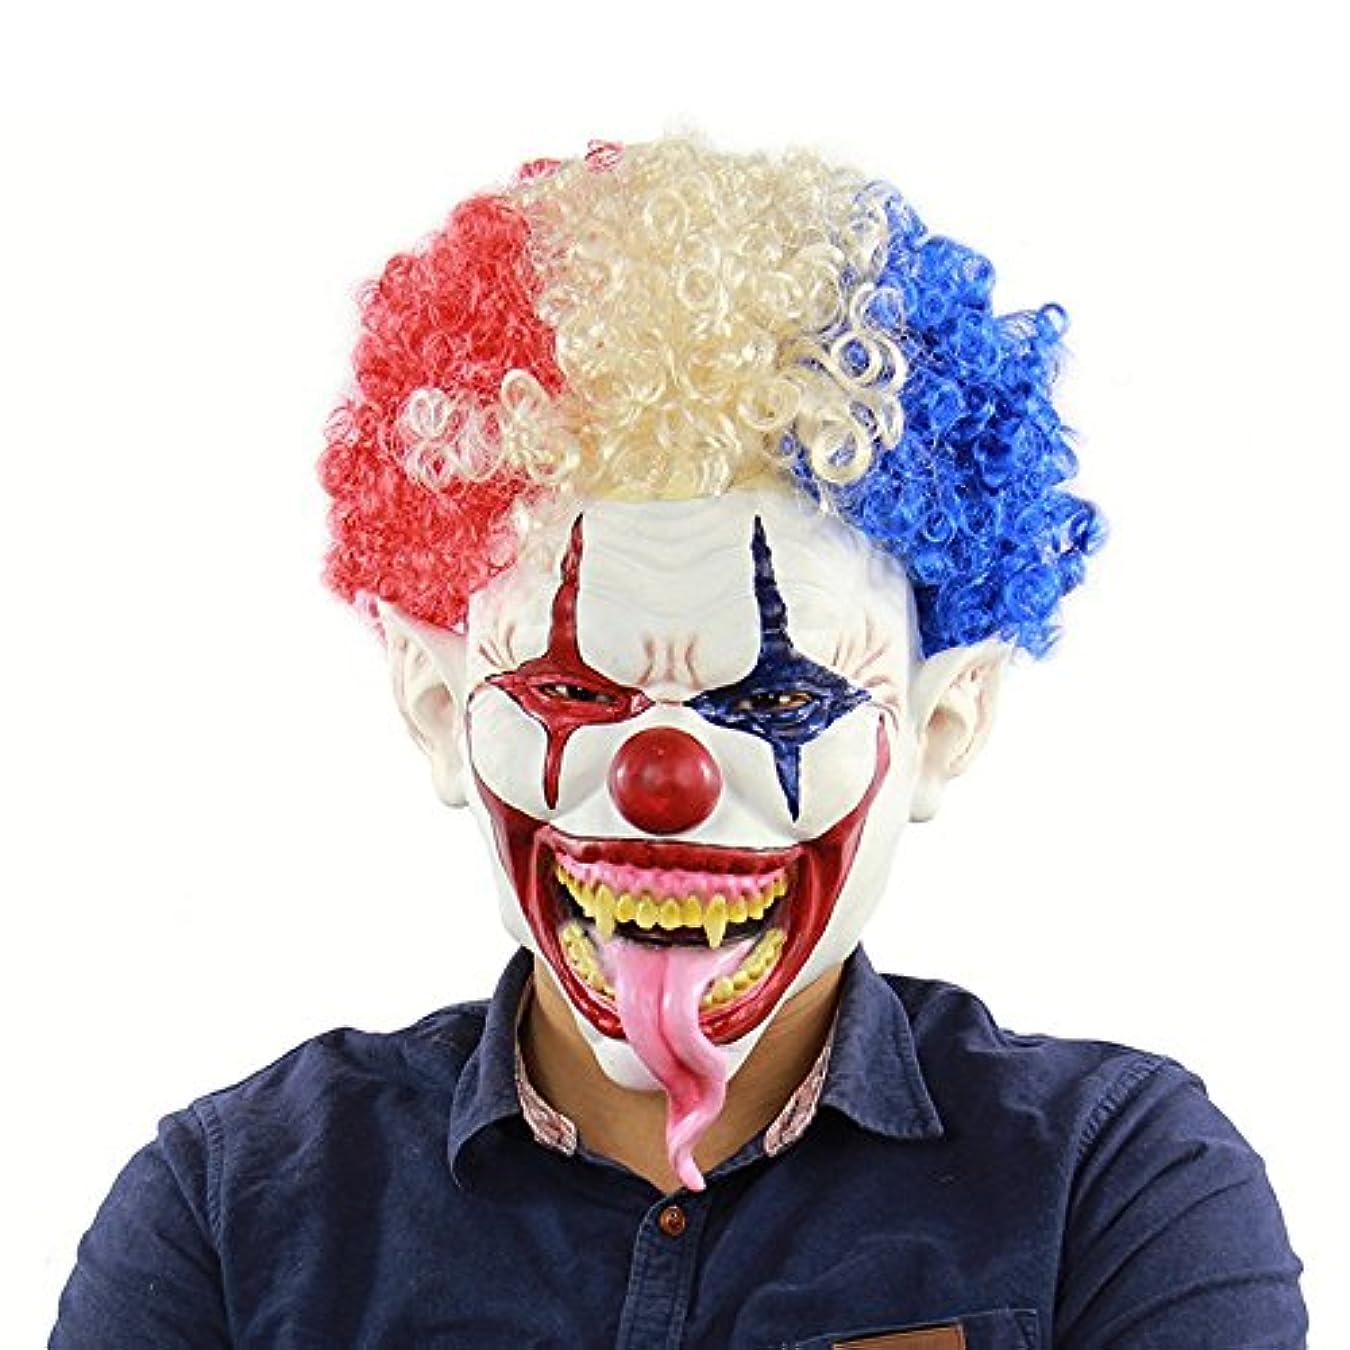 サワー証明書小説爆発的なヘッド大きな口長い舌ピエロマスクハロウィンアマゾン外国為替ラテックスホラーヘッドカバー